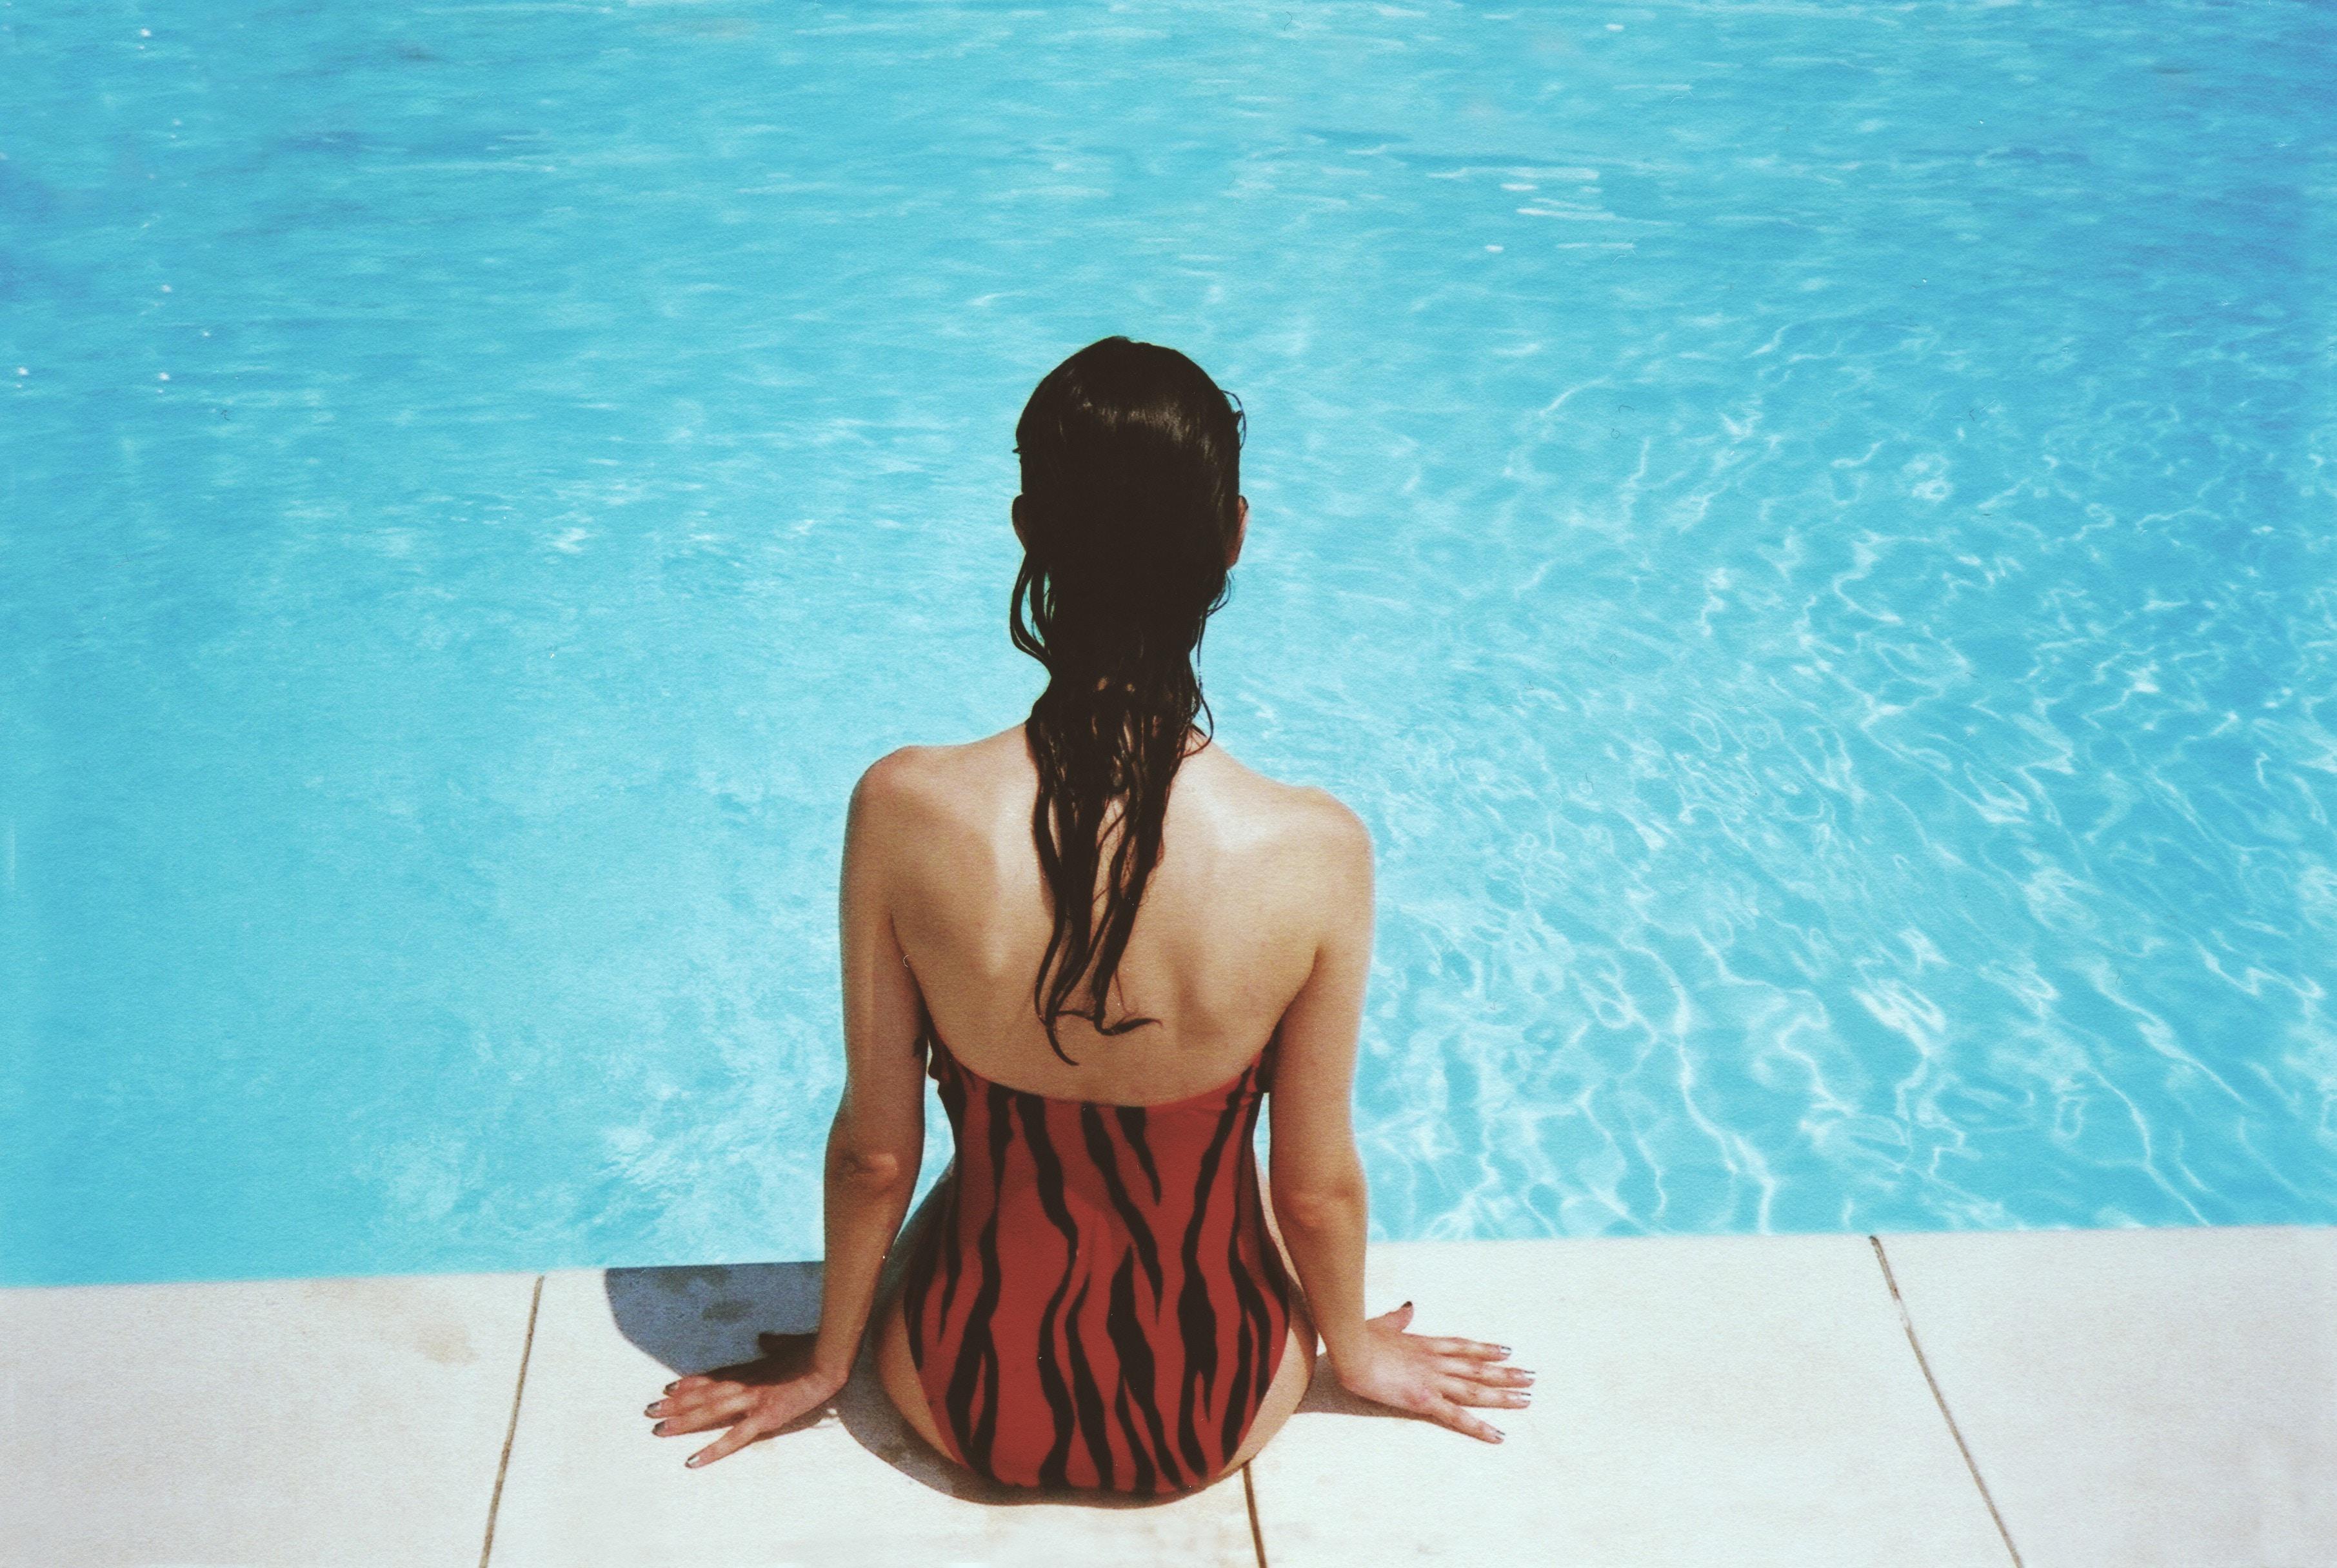 Способ оставаться спокойным: 1 урок, который многие усваивают так поздно